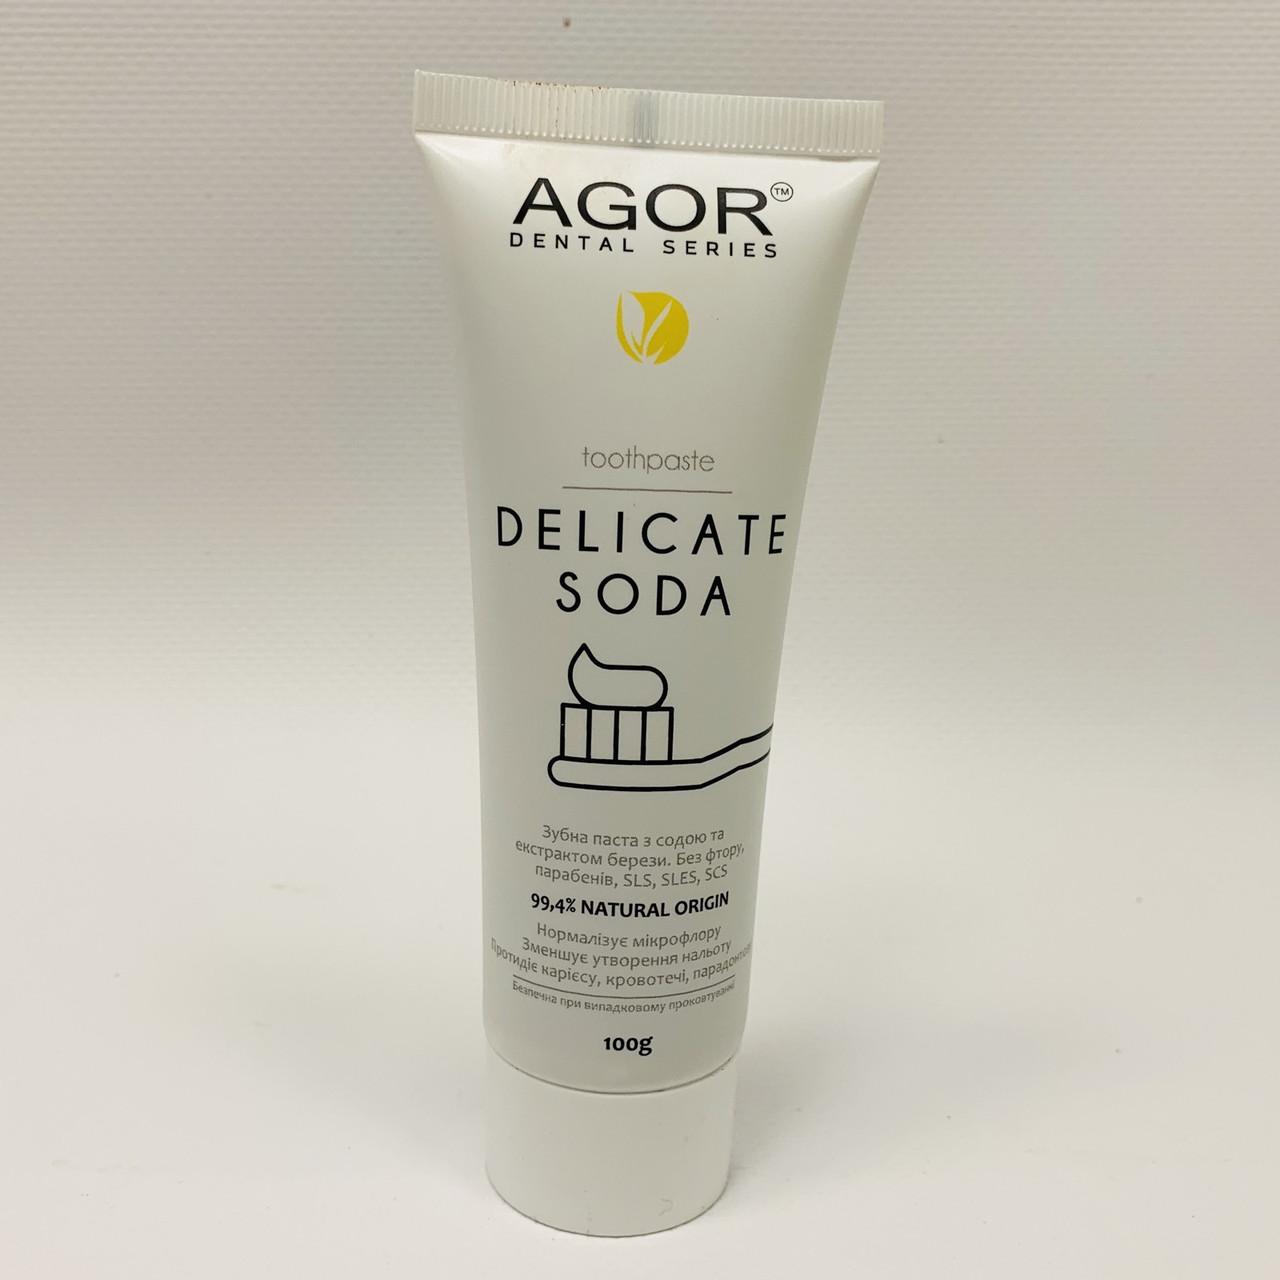 """Натуральная содовая зубная паста """"DELICATE SODA"""", 100 г, AGOR"""